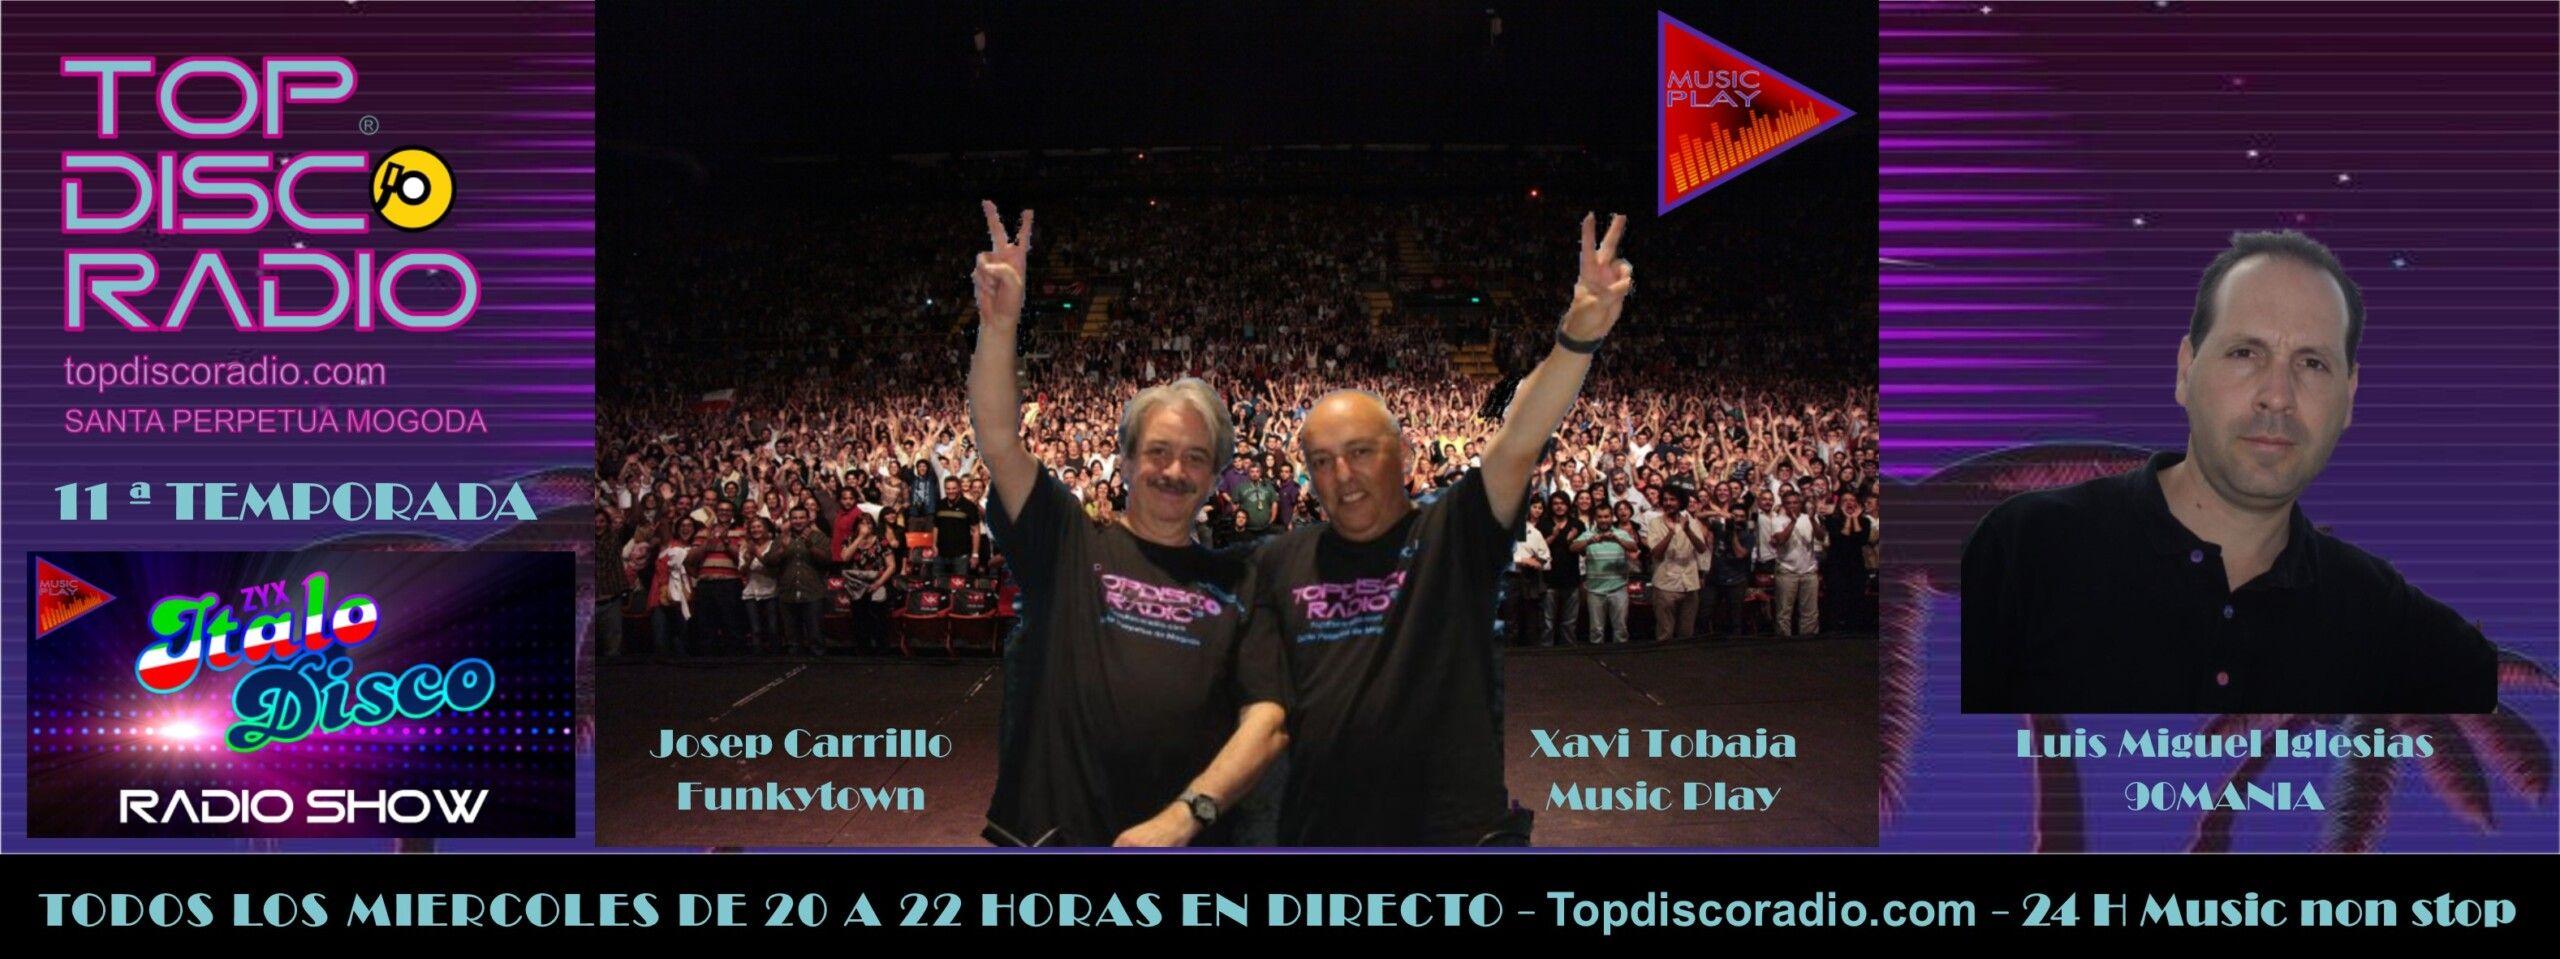 TOPDISCO RADIO 11 TEMPORADA ZYX